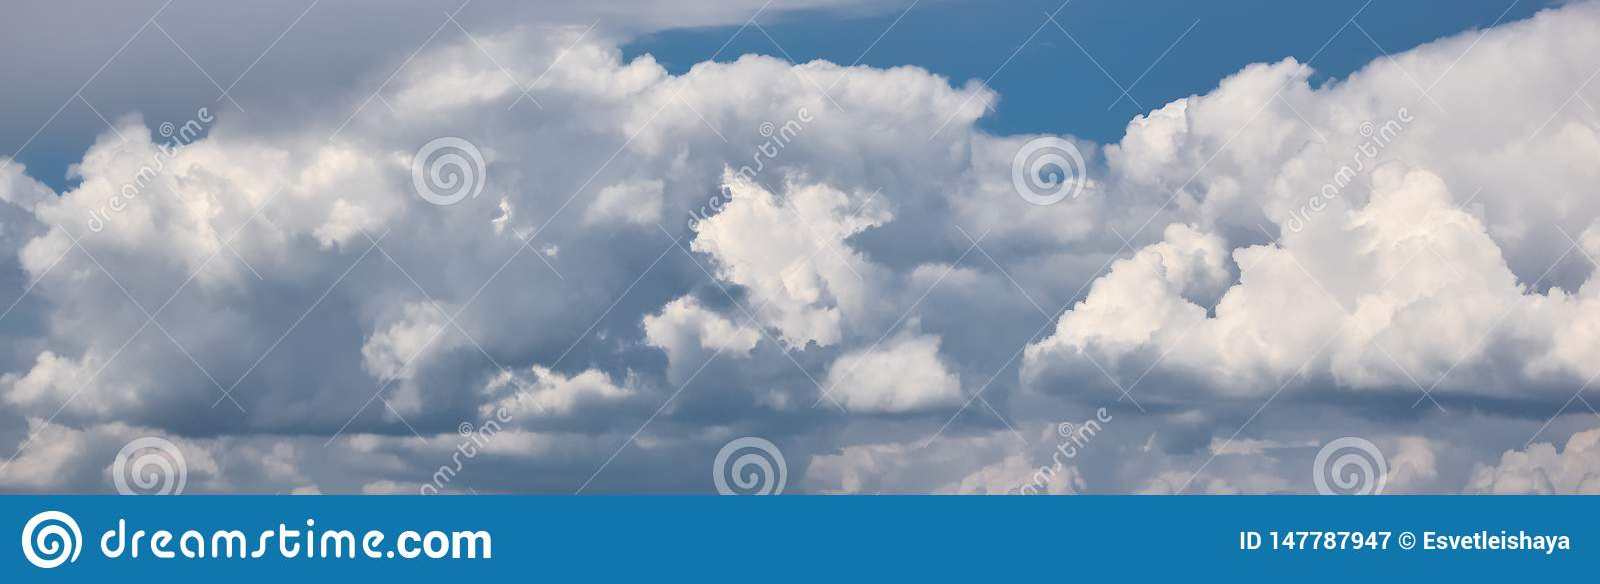 在天空的全景与剧烈的云彩 在天空的蓬松白色云彩适用于背景 r 阴云密布